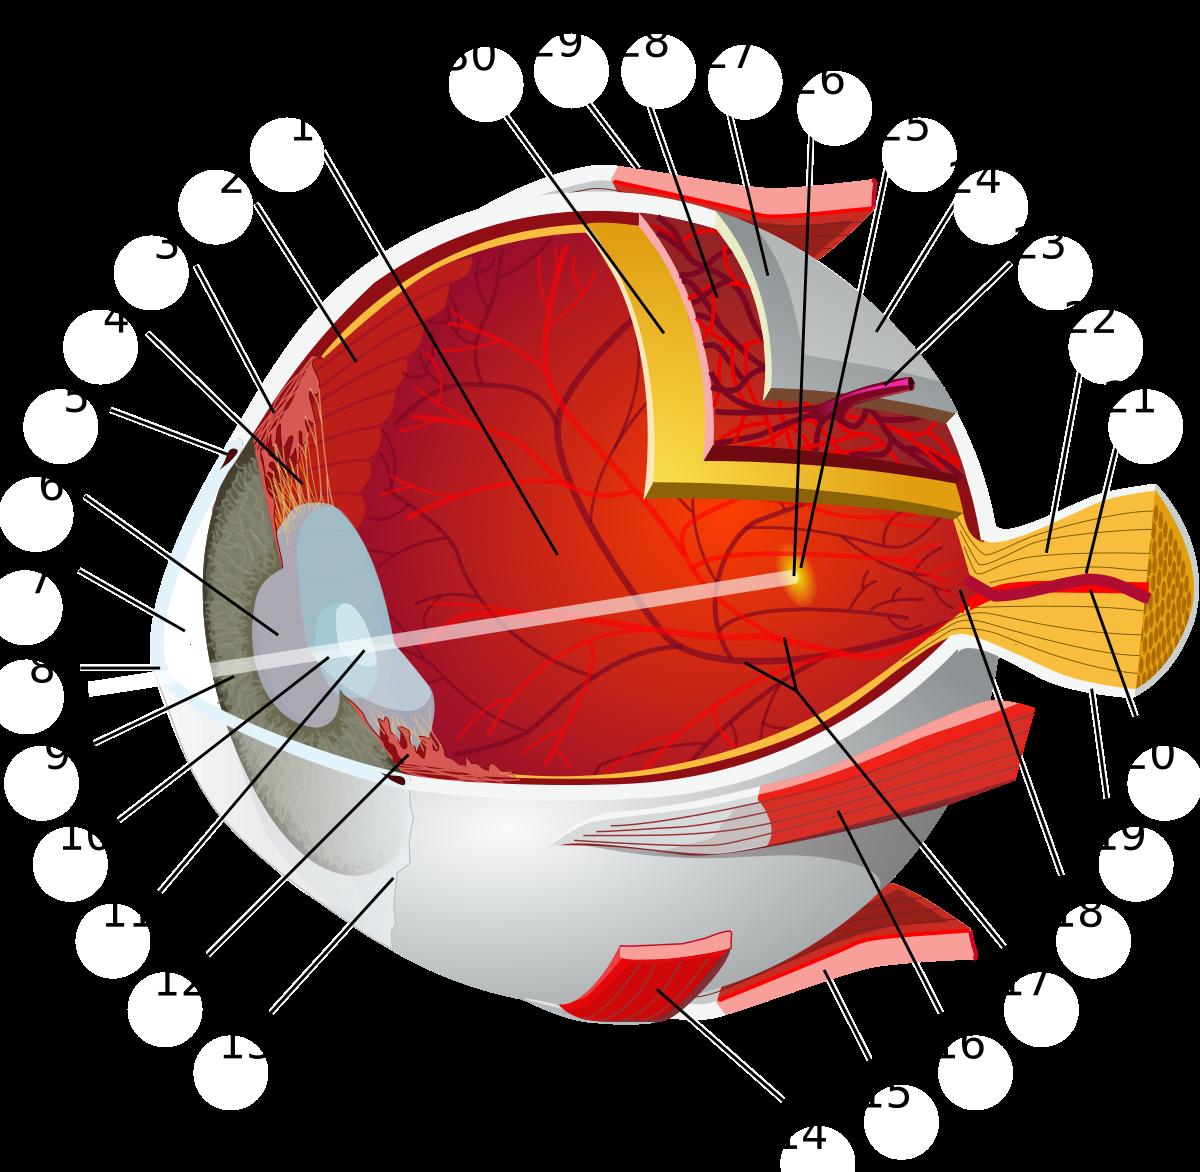 Tompalátás (amblyopia) felnőttkorban - Mit tehetünk?